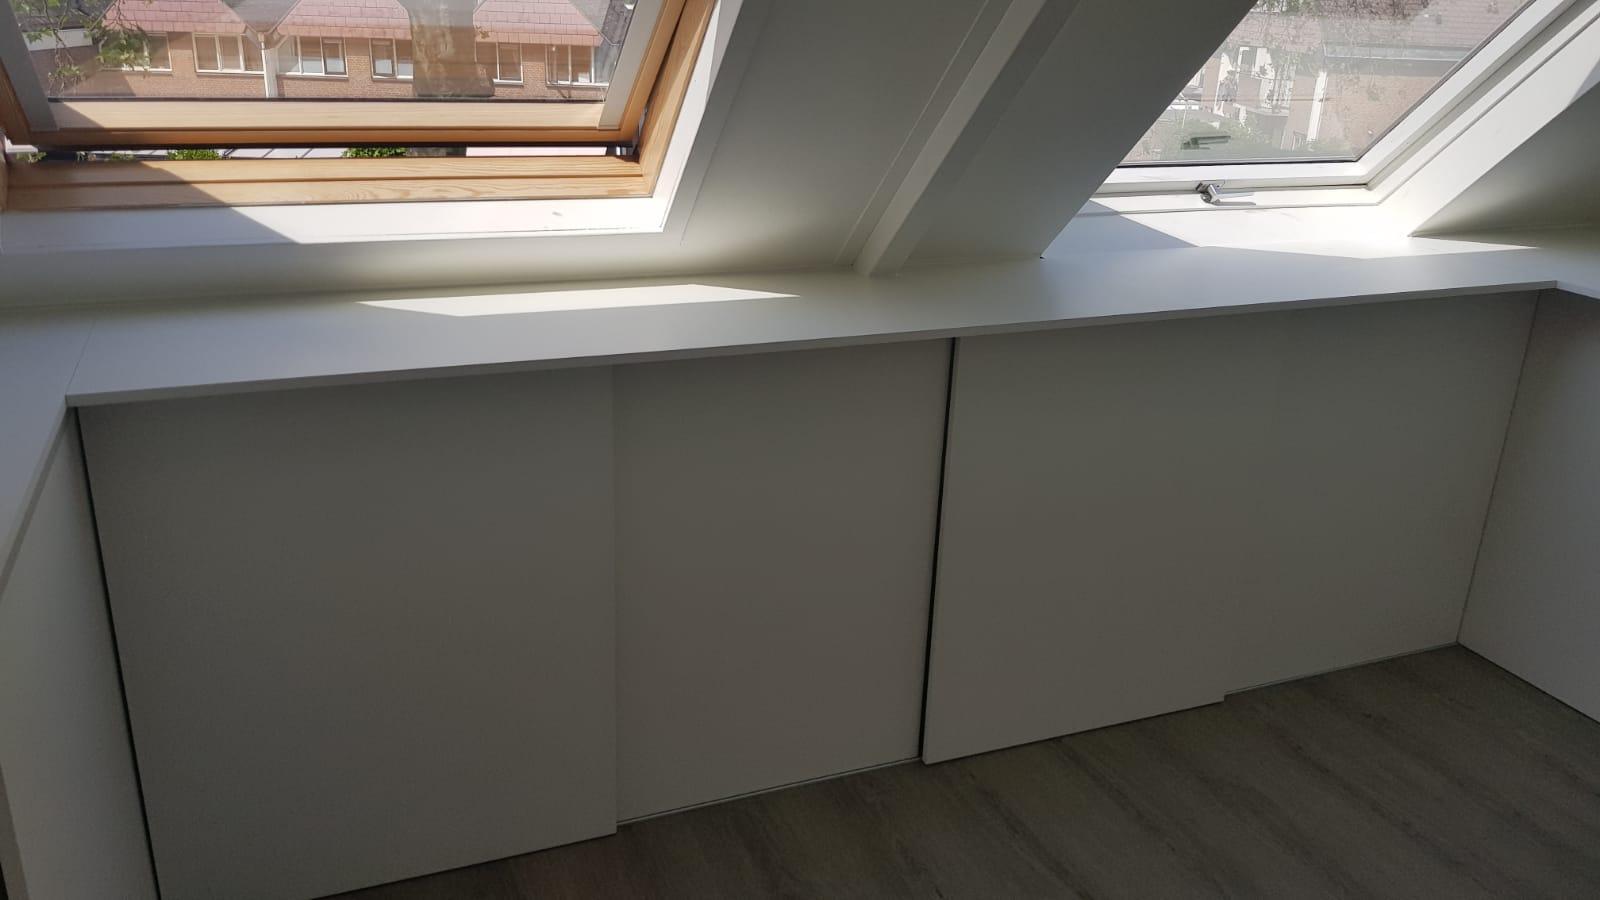 Schuifdeursysteem met werkblad onder schuin dak